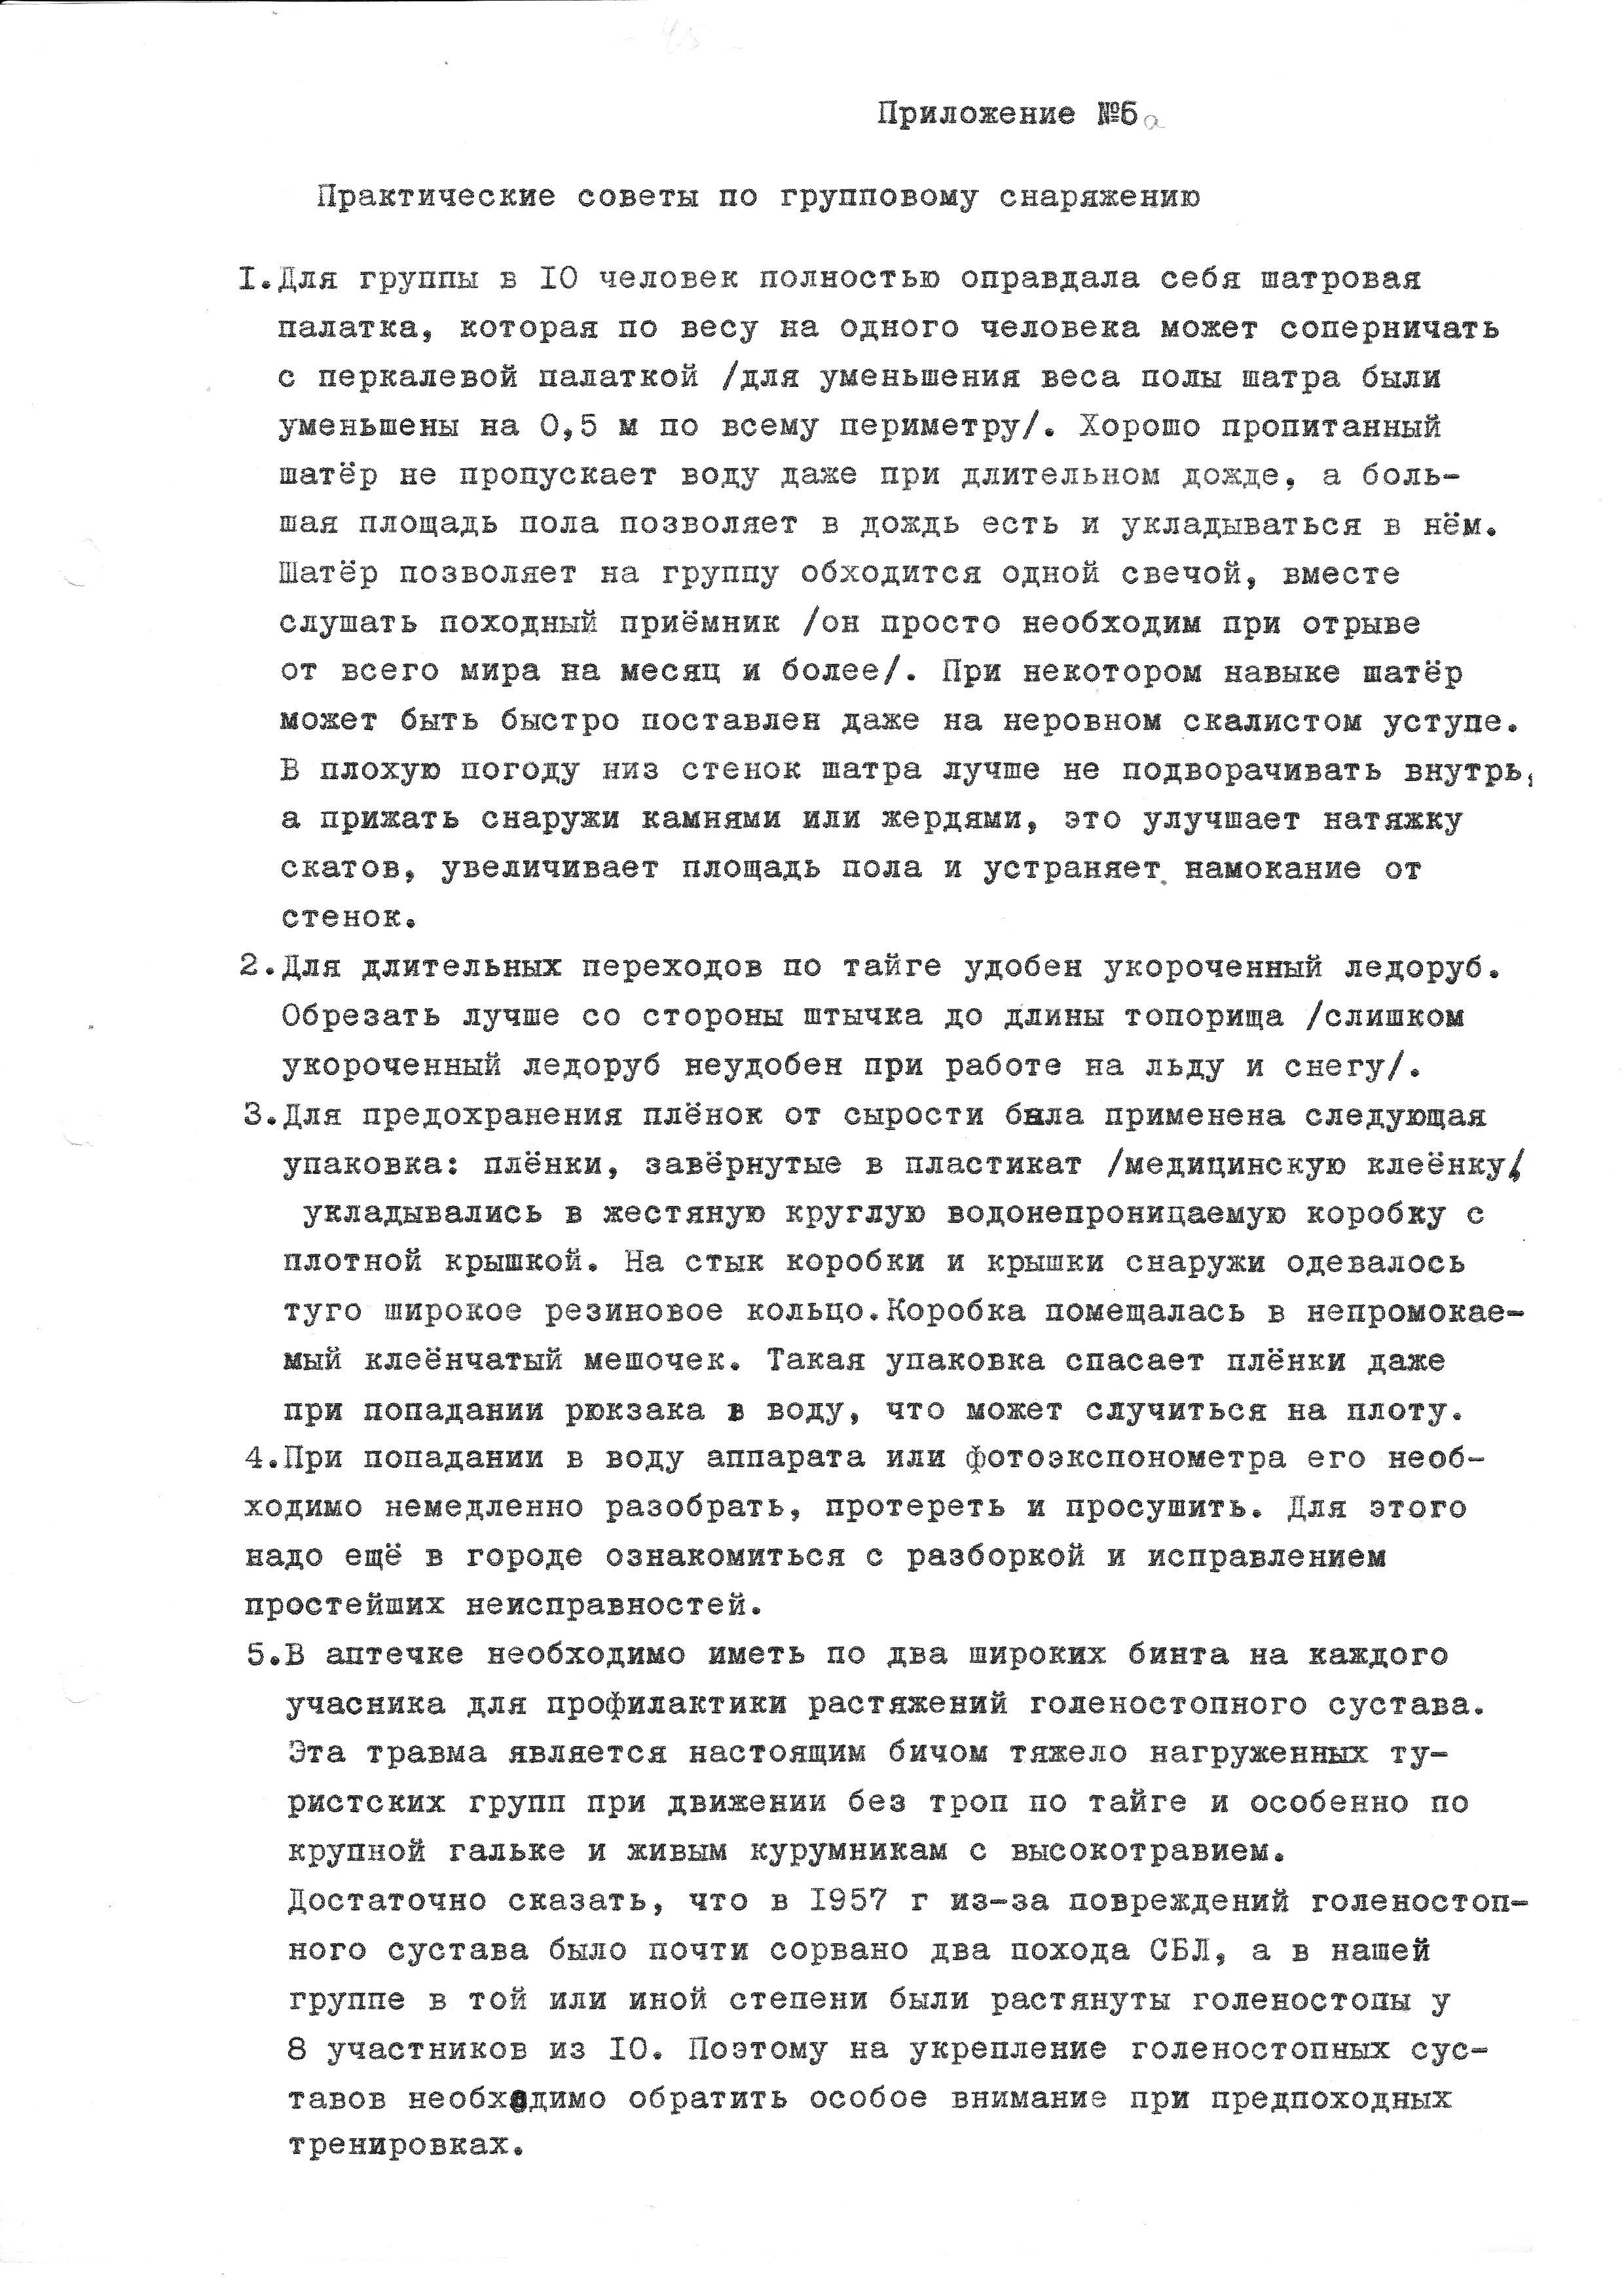 https://img-fotki.yandex.ru/get/2914/164520479.7e/0_e48dc_9eacd4d8_orig.jpg